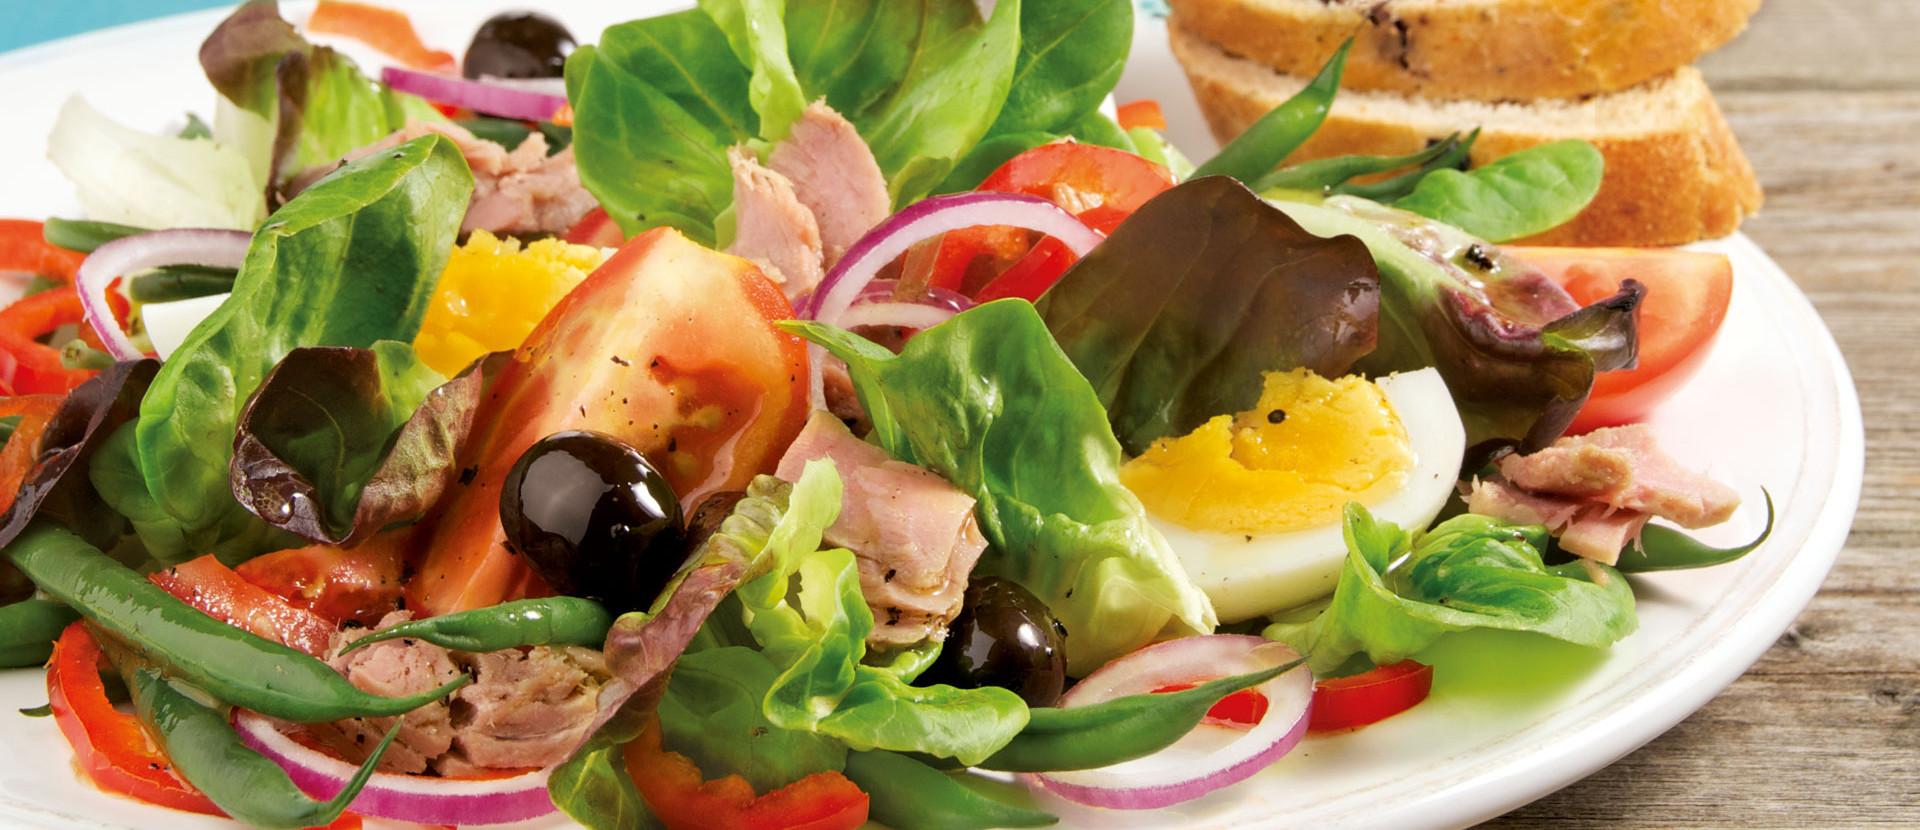 Nizza Salat mit Thunfisch und Ei